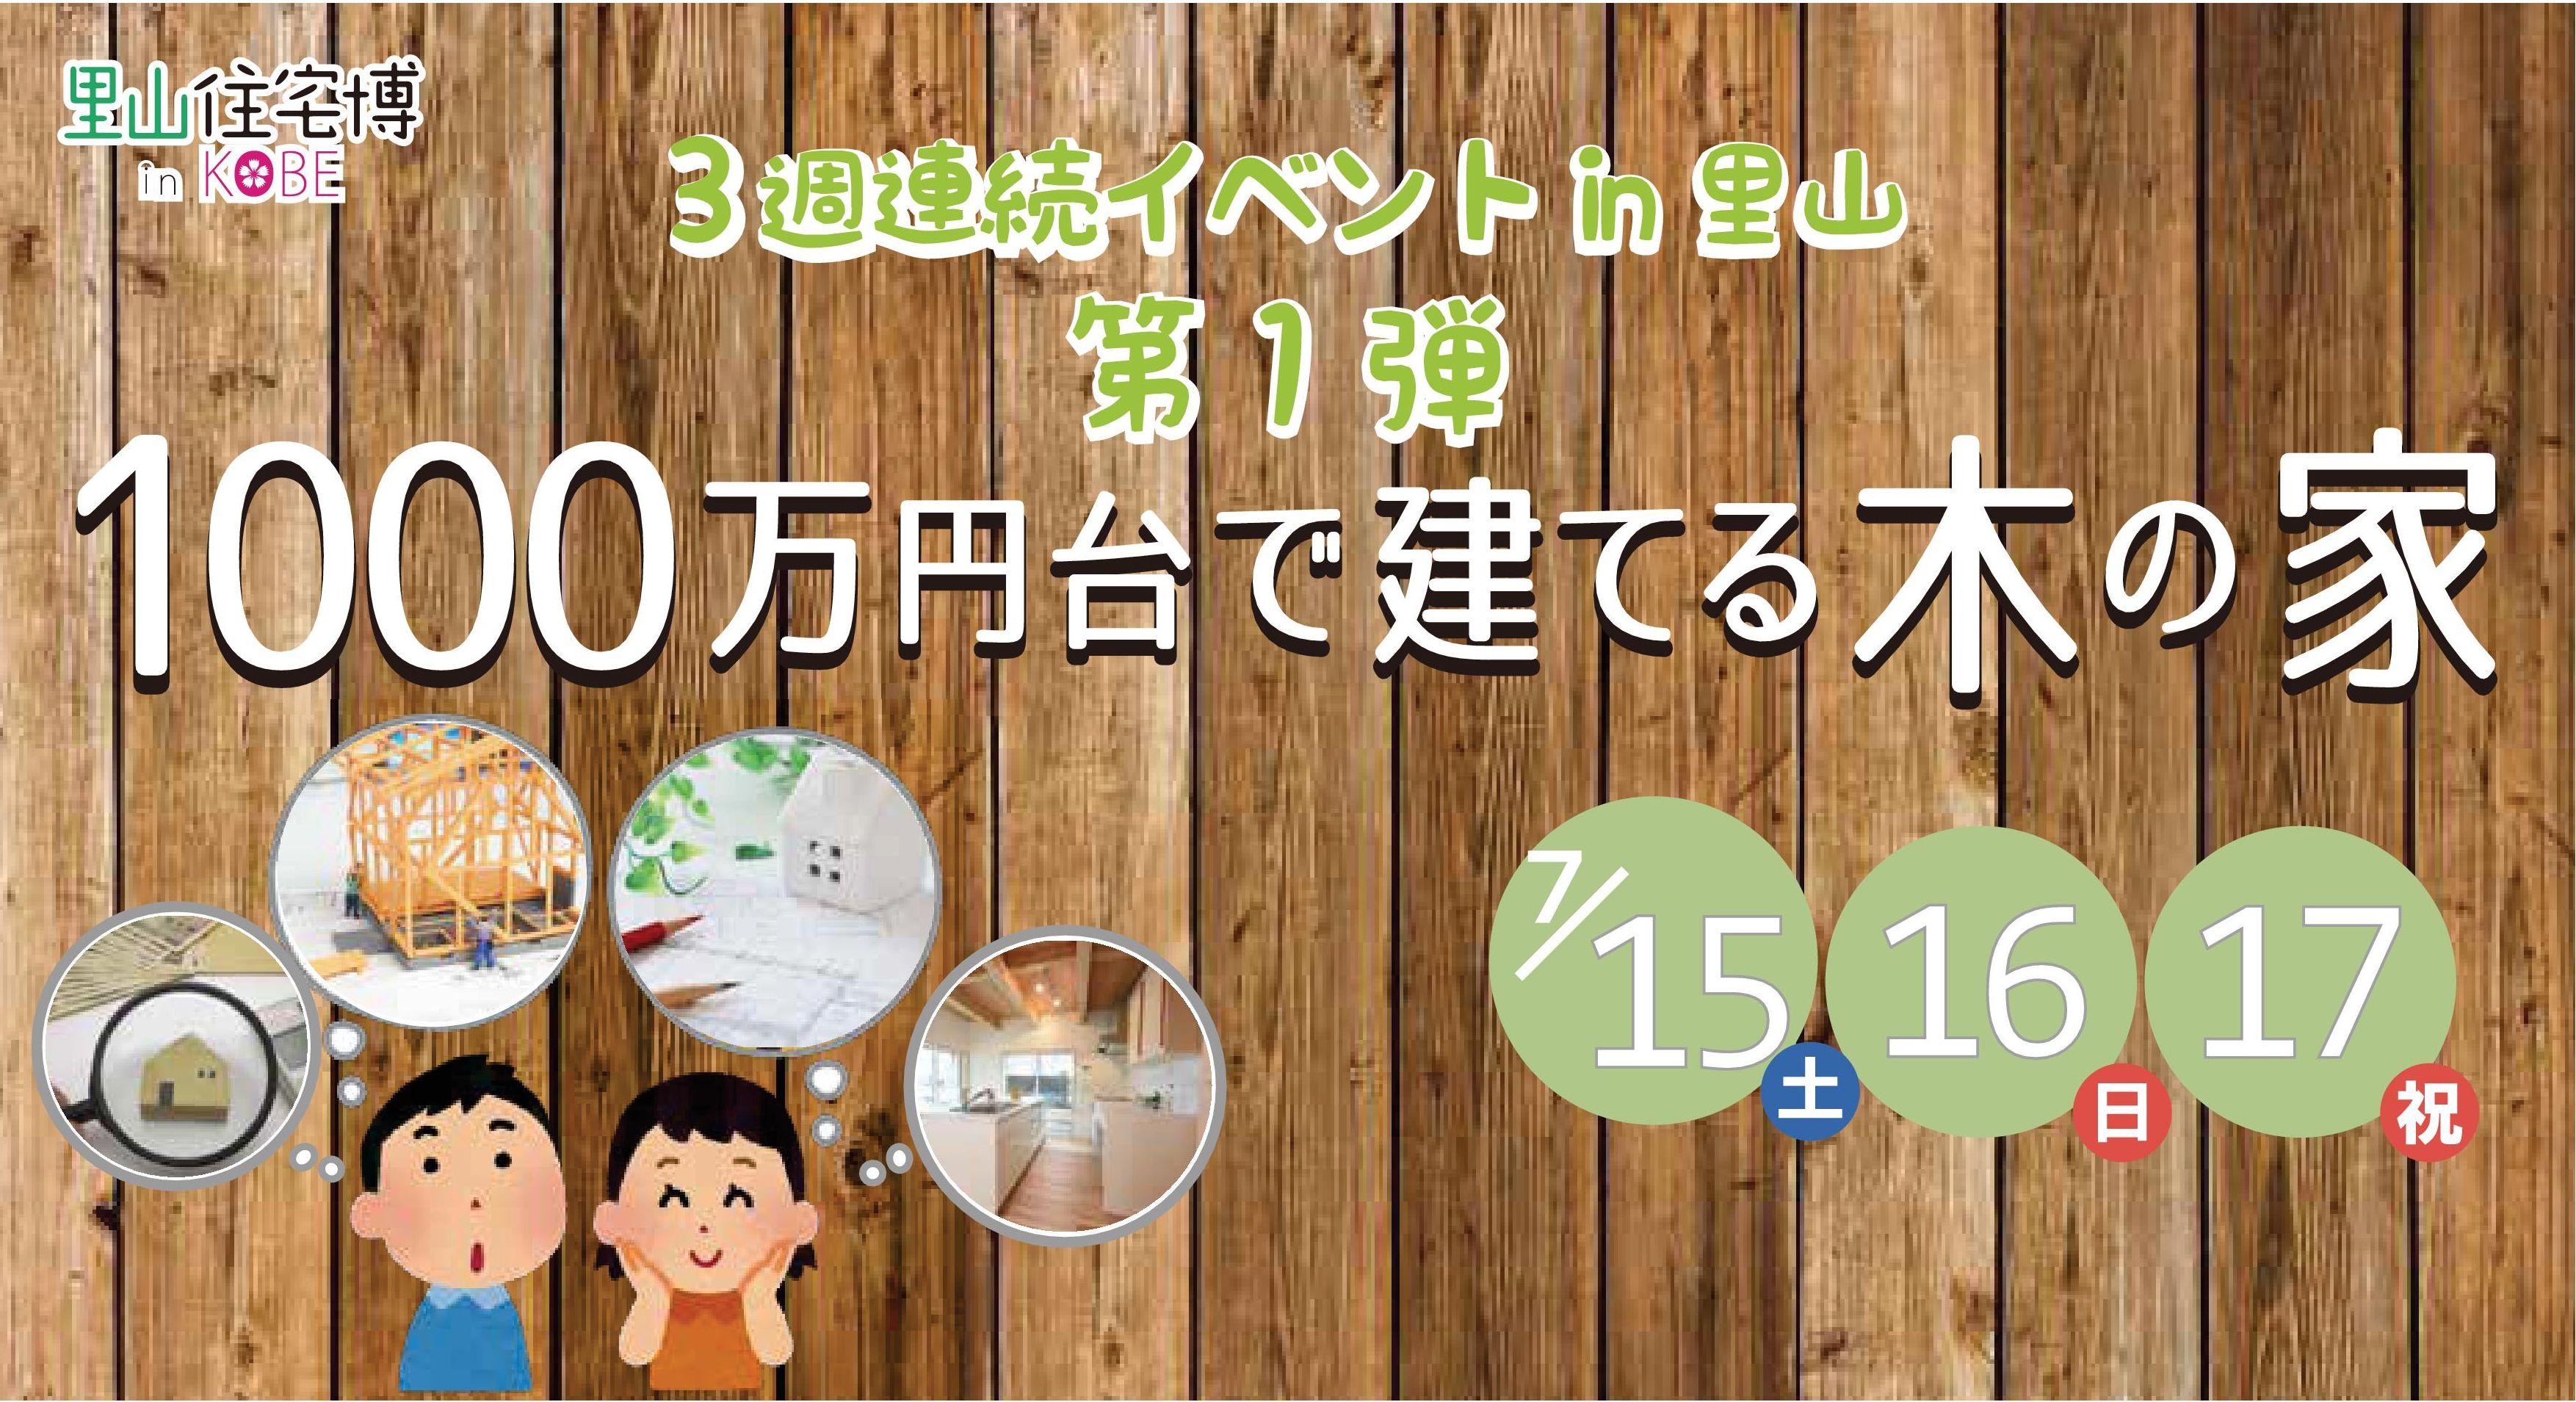 7月15日㈯・16日㈰・17日(祝)